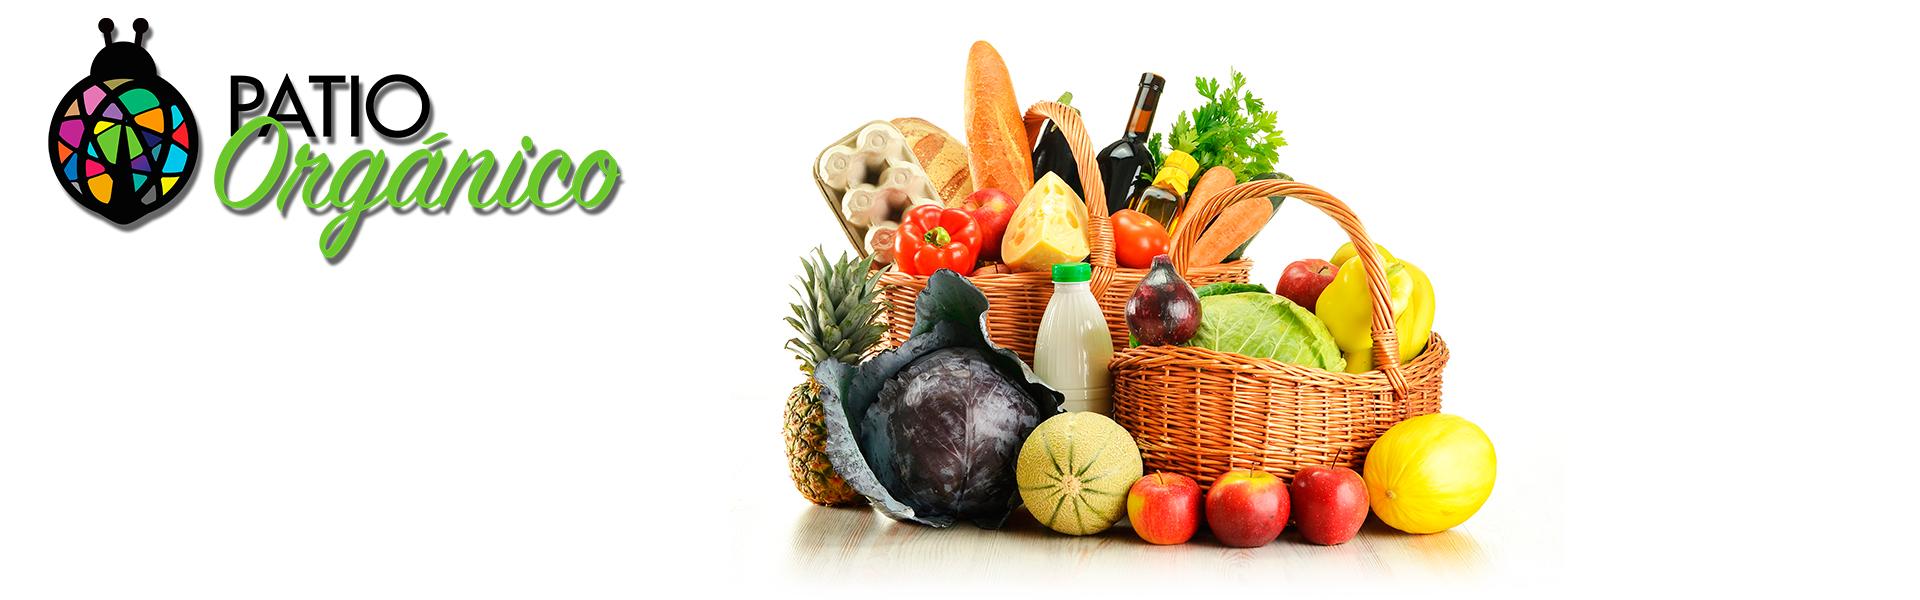 ¿Qué-le-sucede-a-tu-cuerpo-cuando-consumes-alimentos-orgánicos-